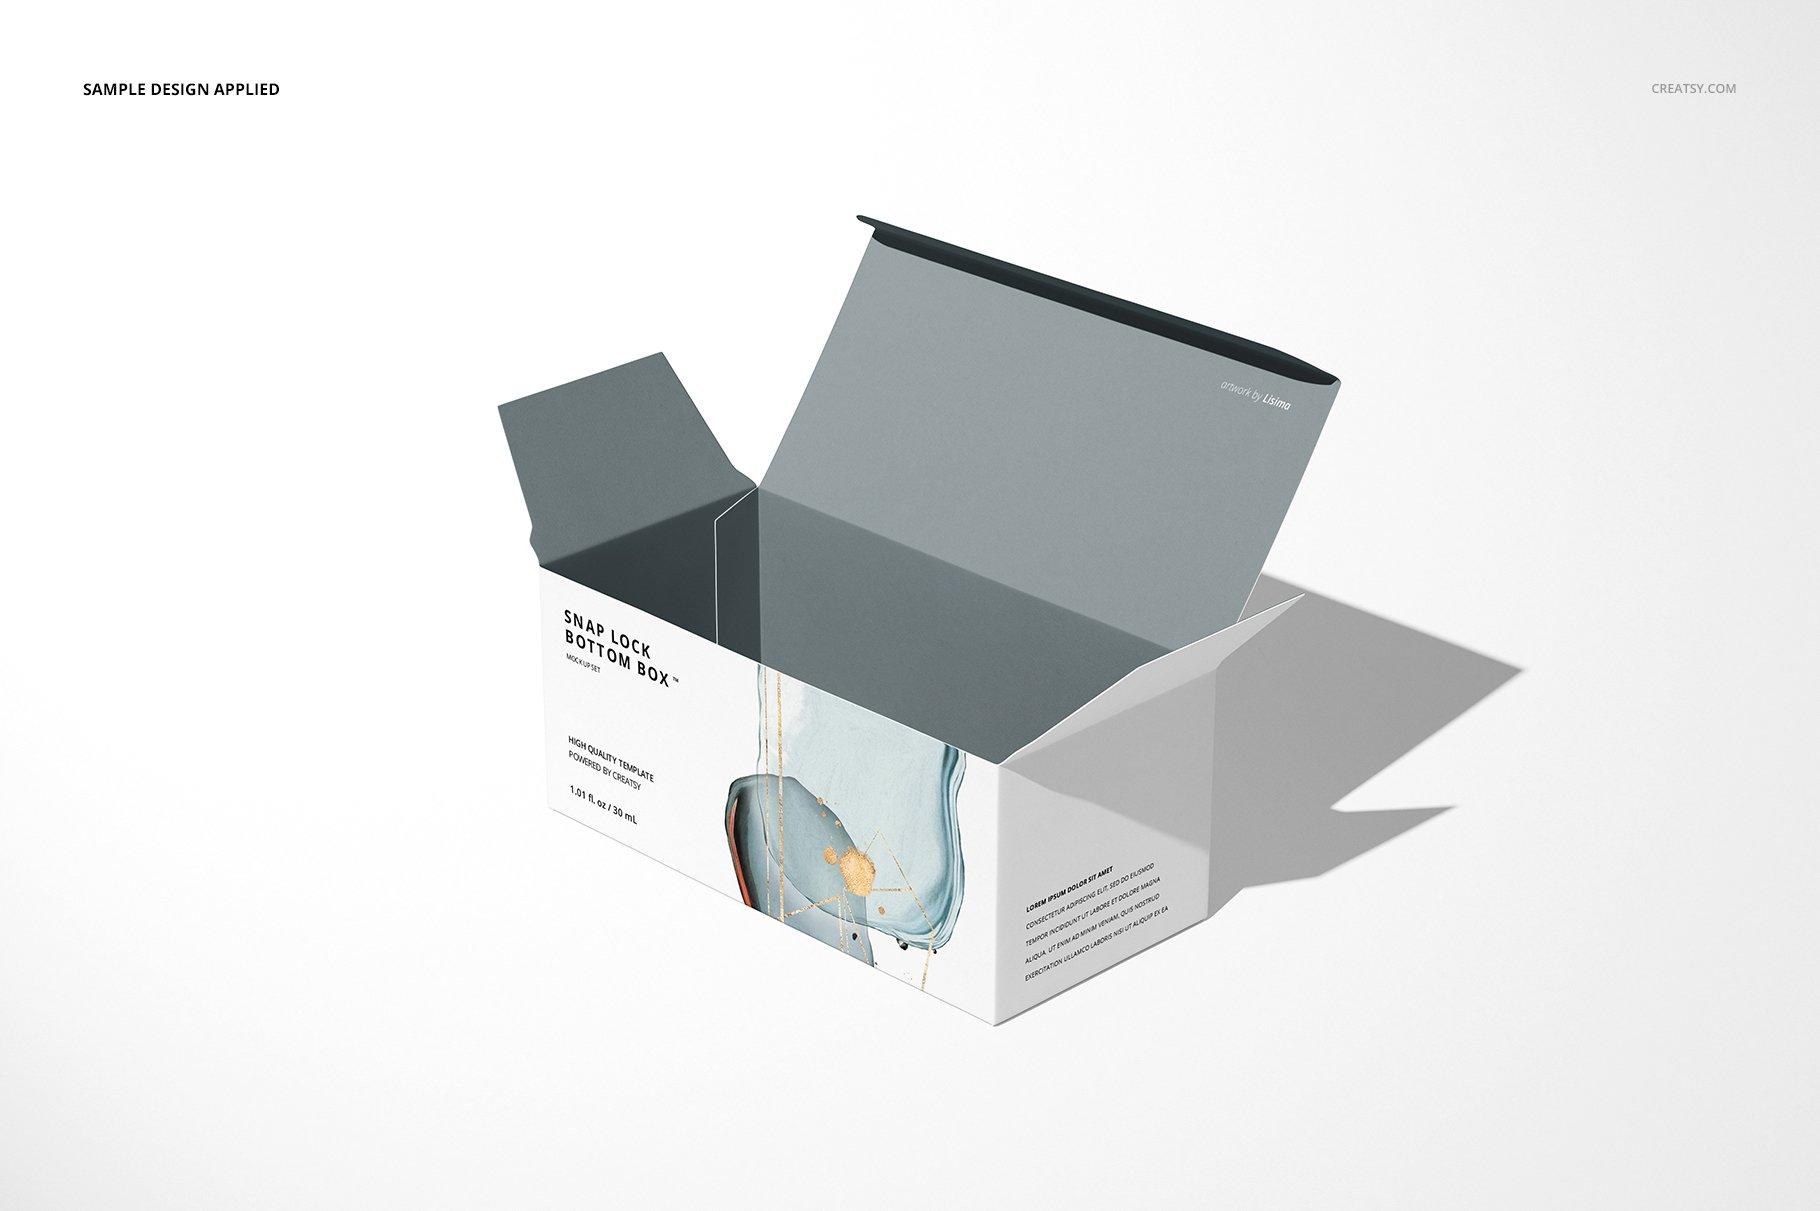 长矩形产品包装卡扣锁底纸盒样机集 Snap Lock Bottom Box Mockup Set插图(4)